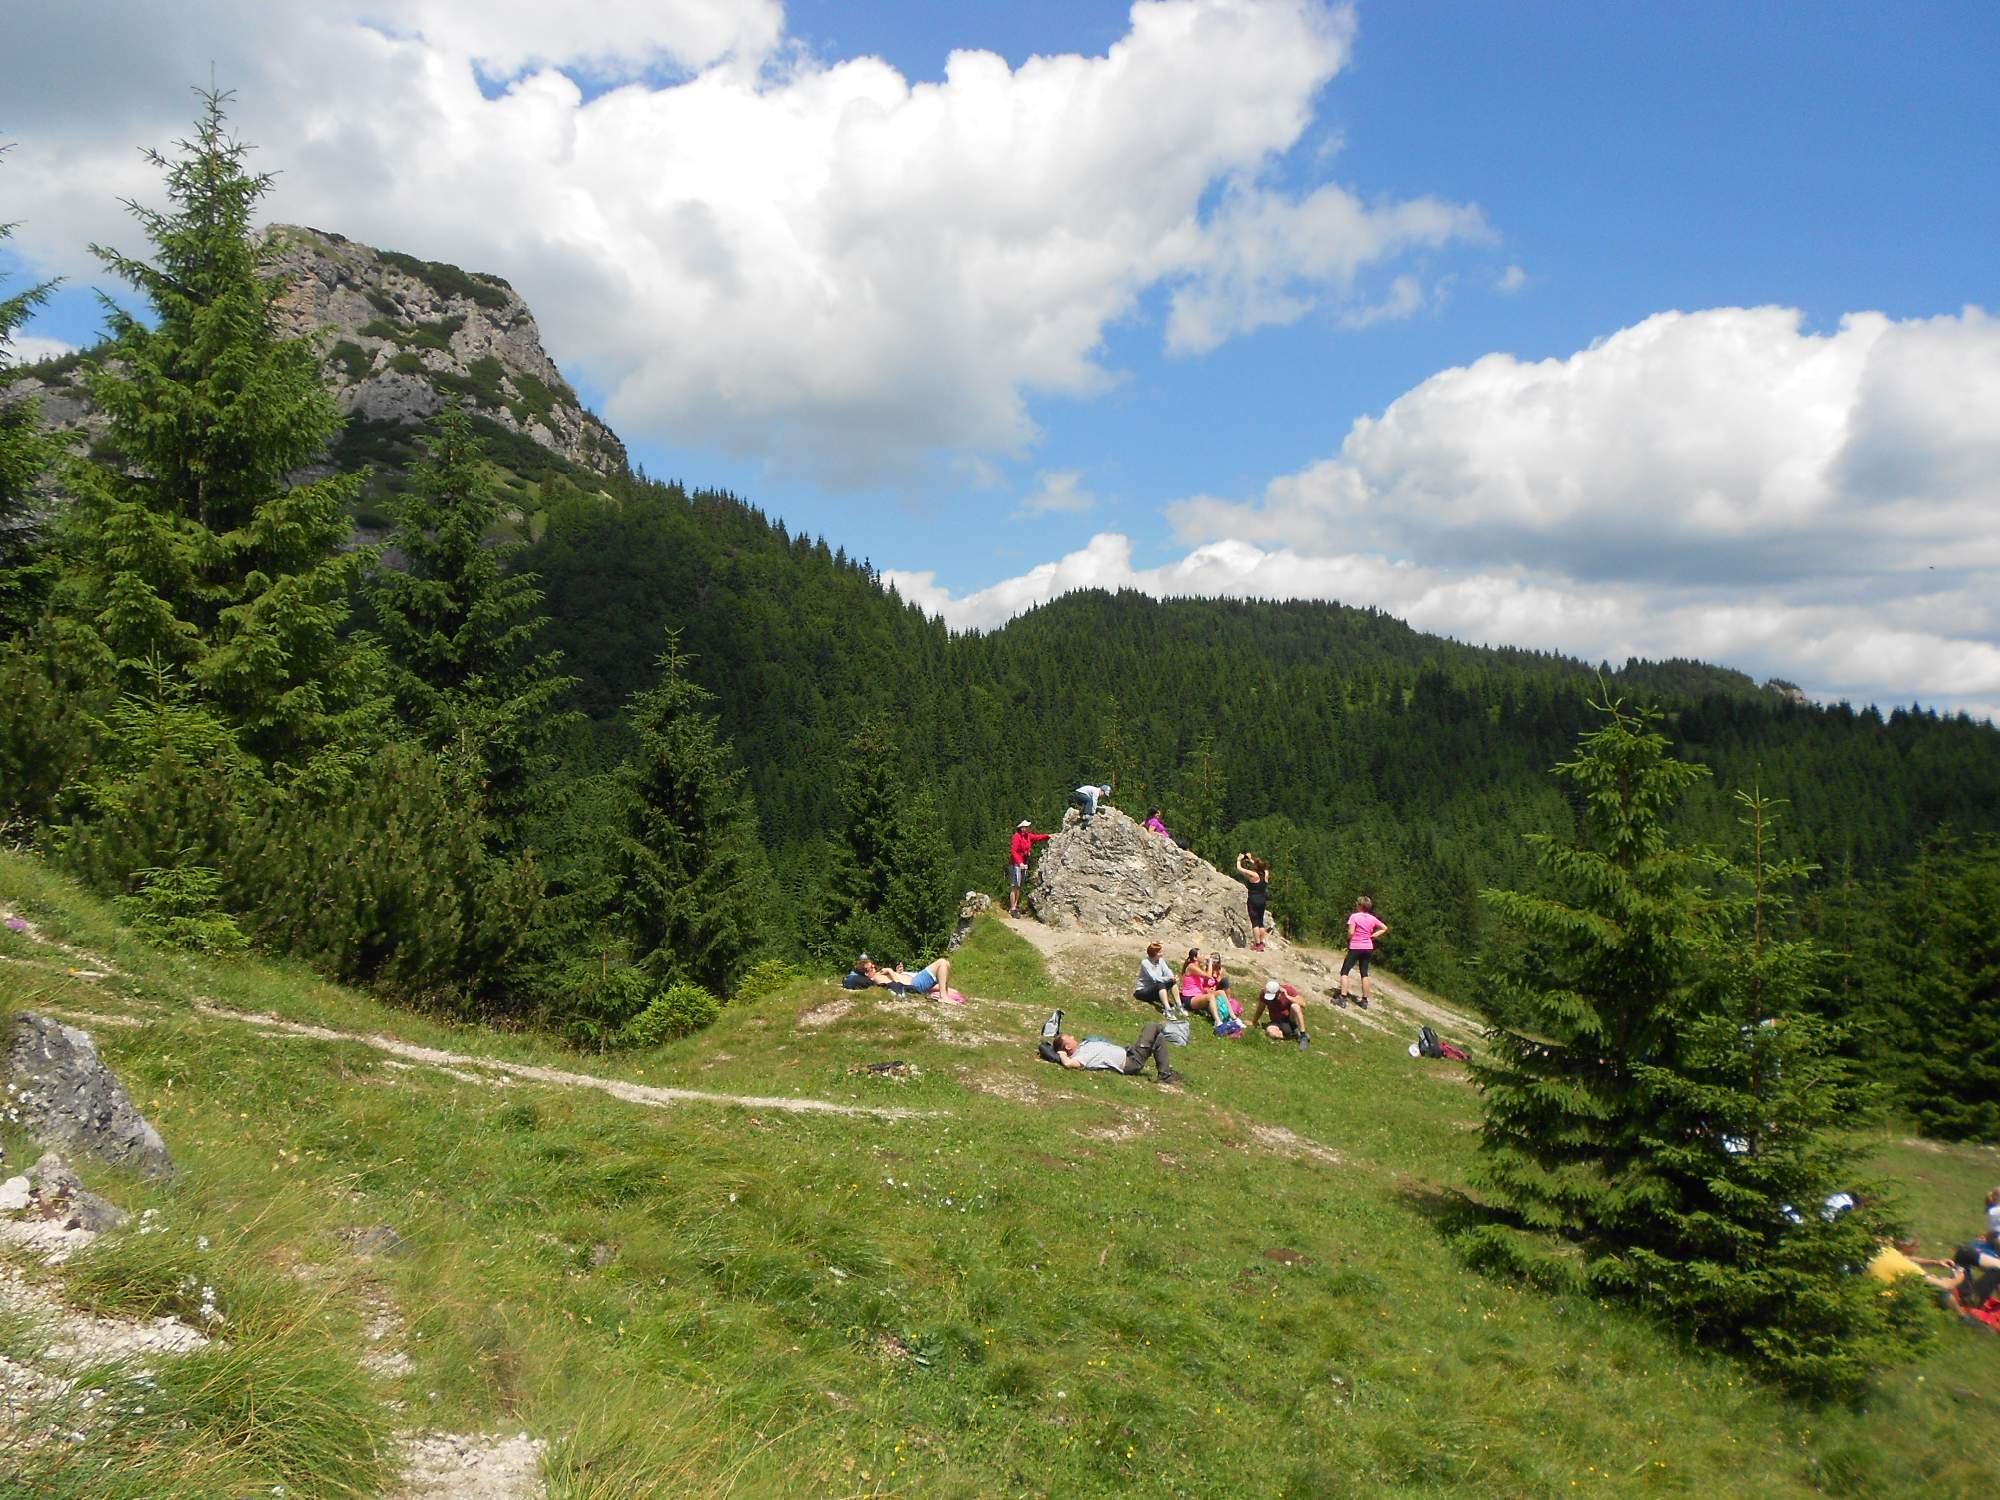 Rozšíření divoké přírody na více území by se Češi měli dočkat v příštím desetiletí. Foto: Dominika Sladká